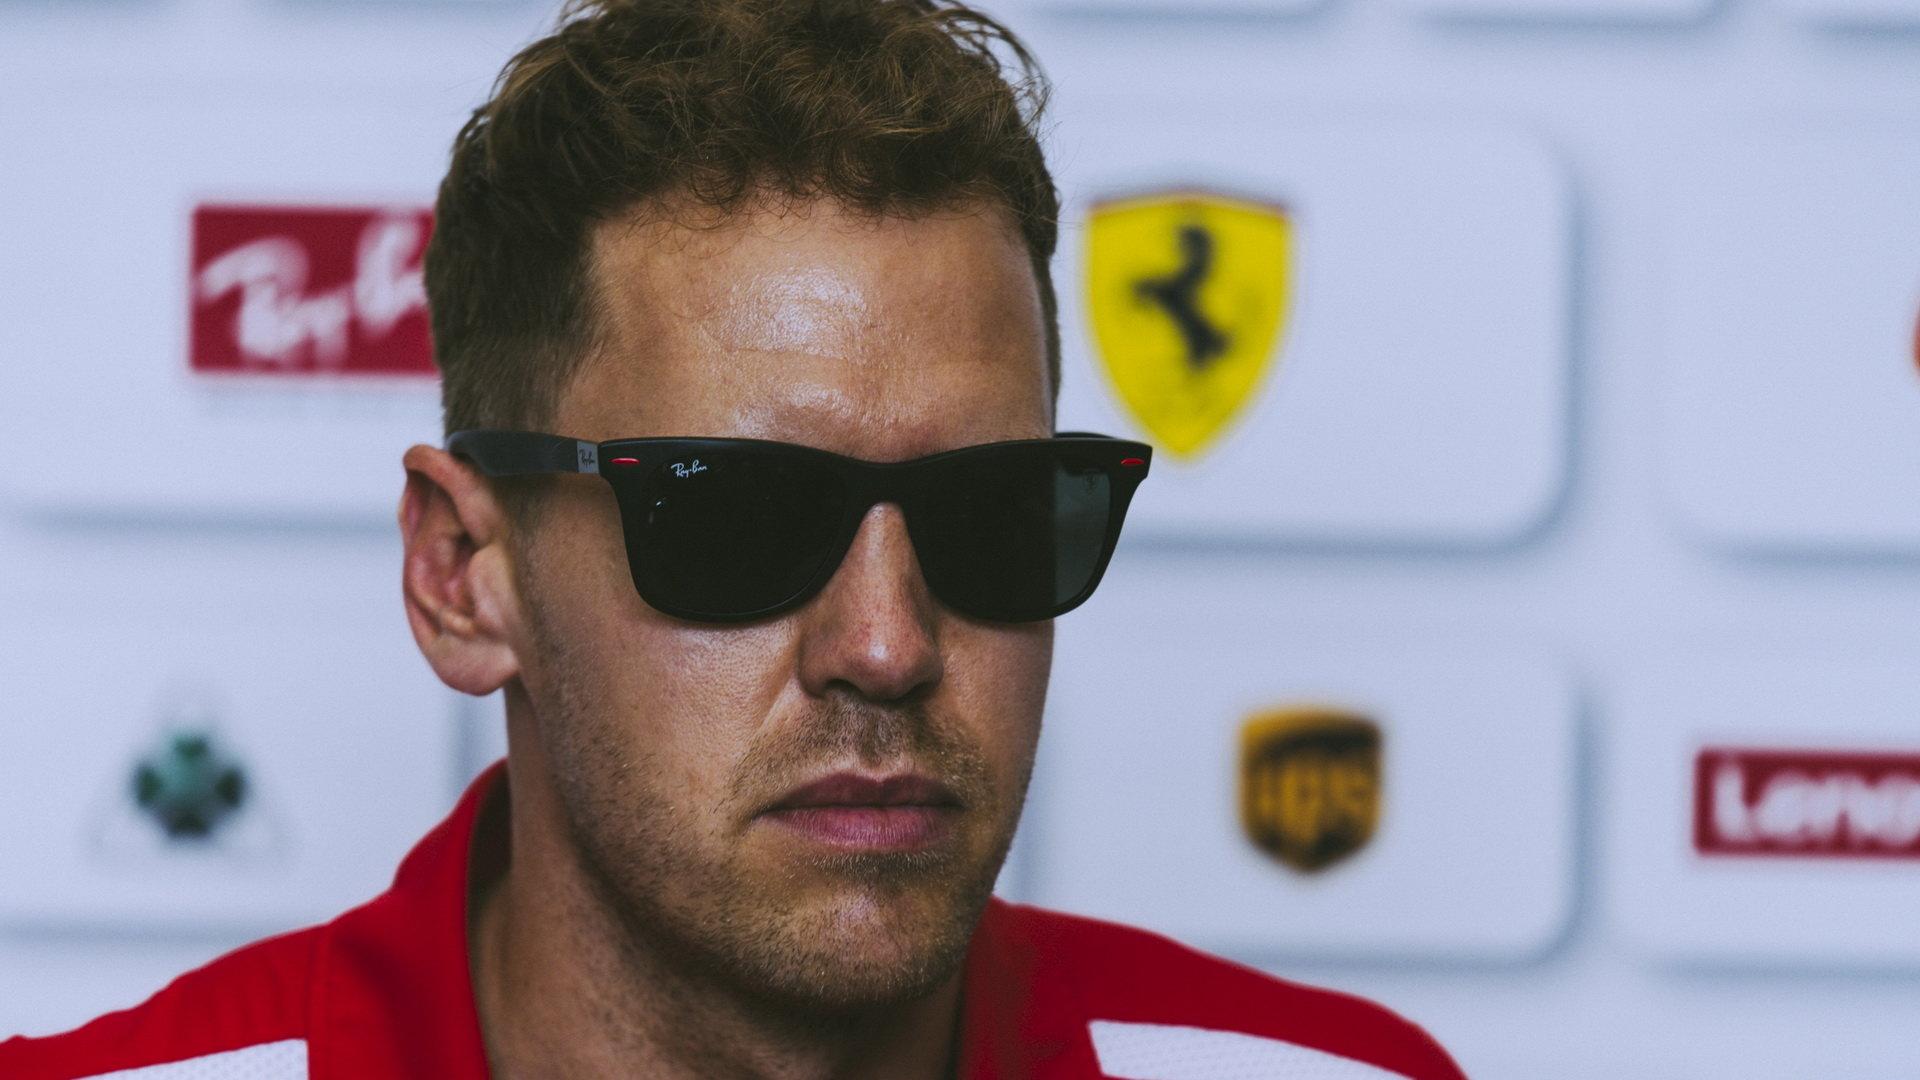 Vettela a jeho tým naštvalo načasování výjezdu safety caru